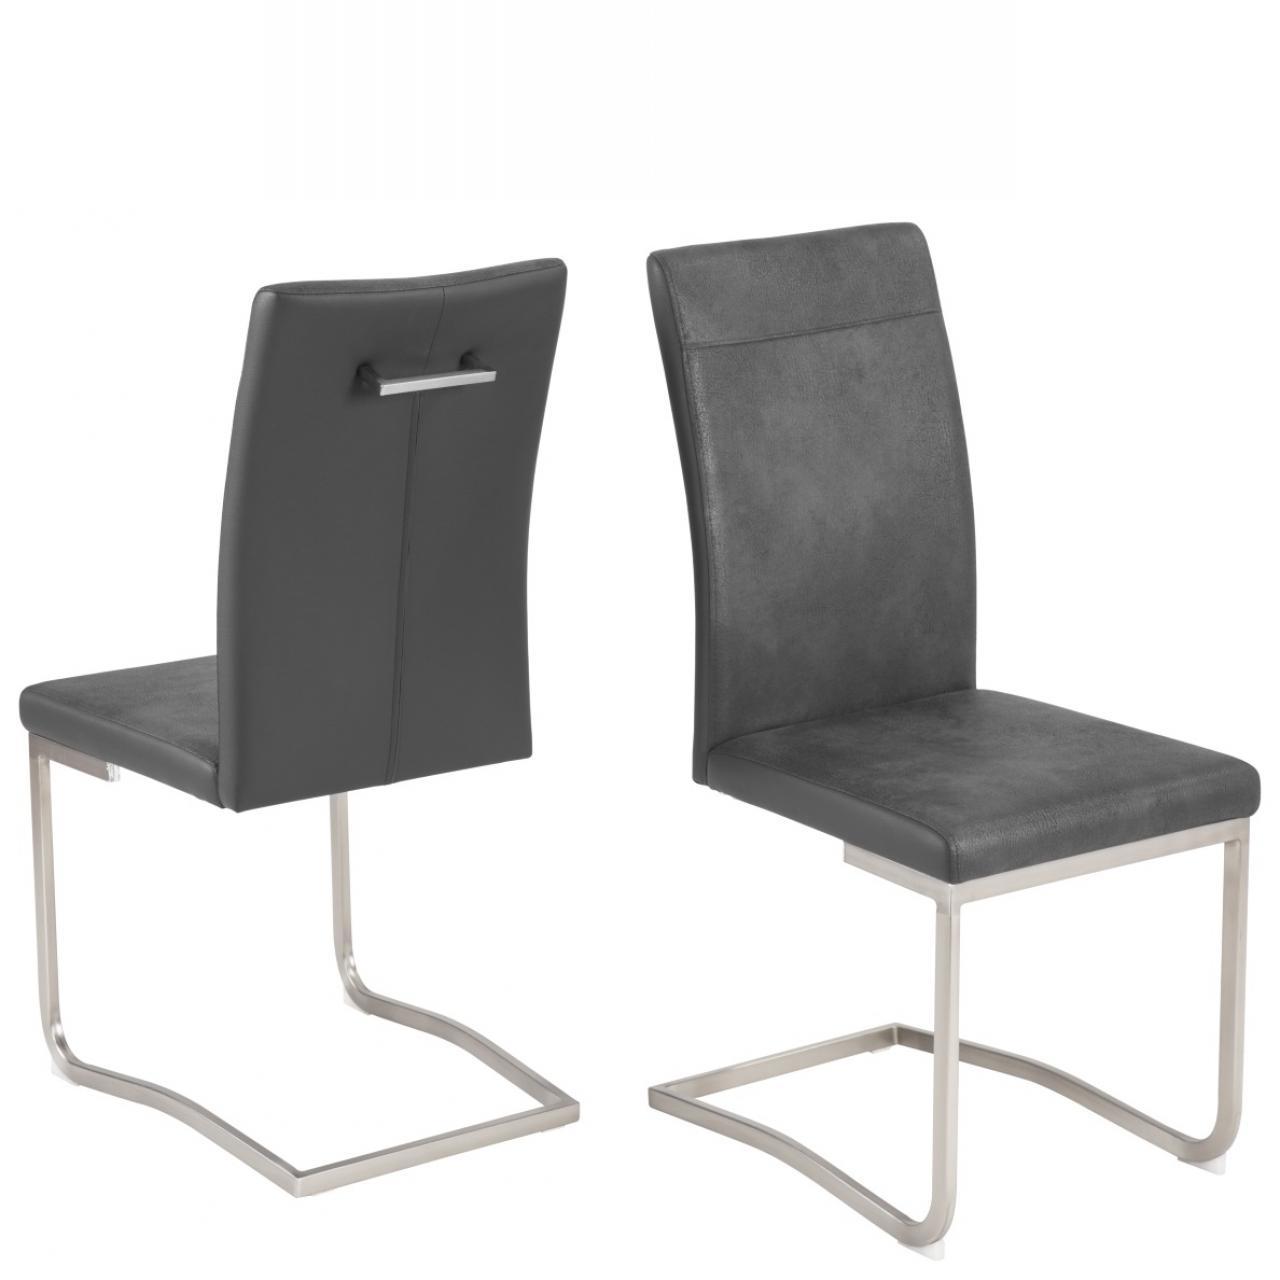 Schwingstuhl ronja schwarz grau st hle hocker for Schwingstuhl schwarz